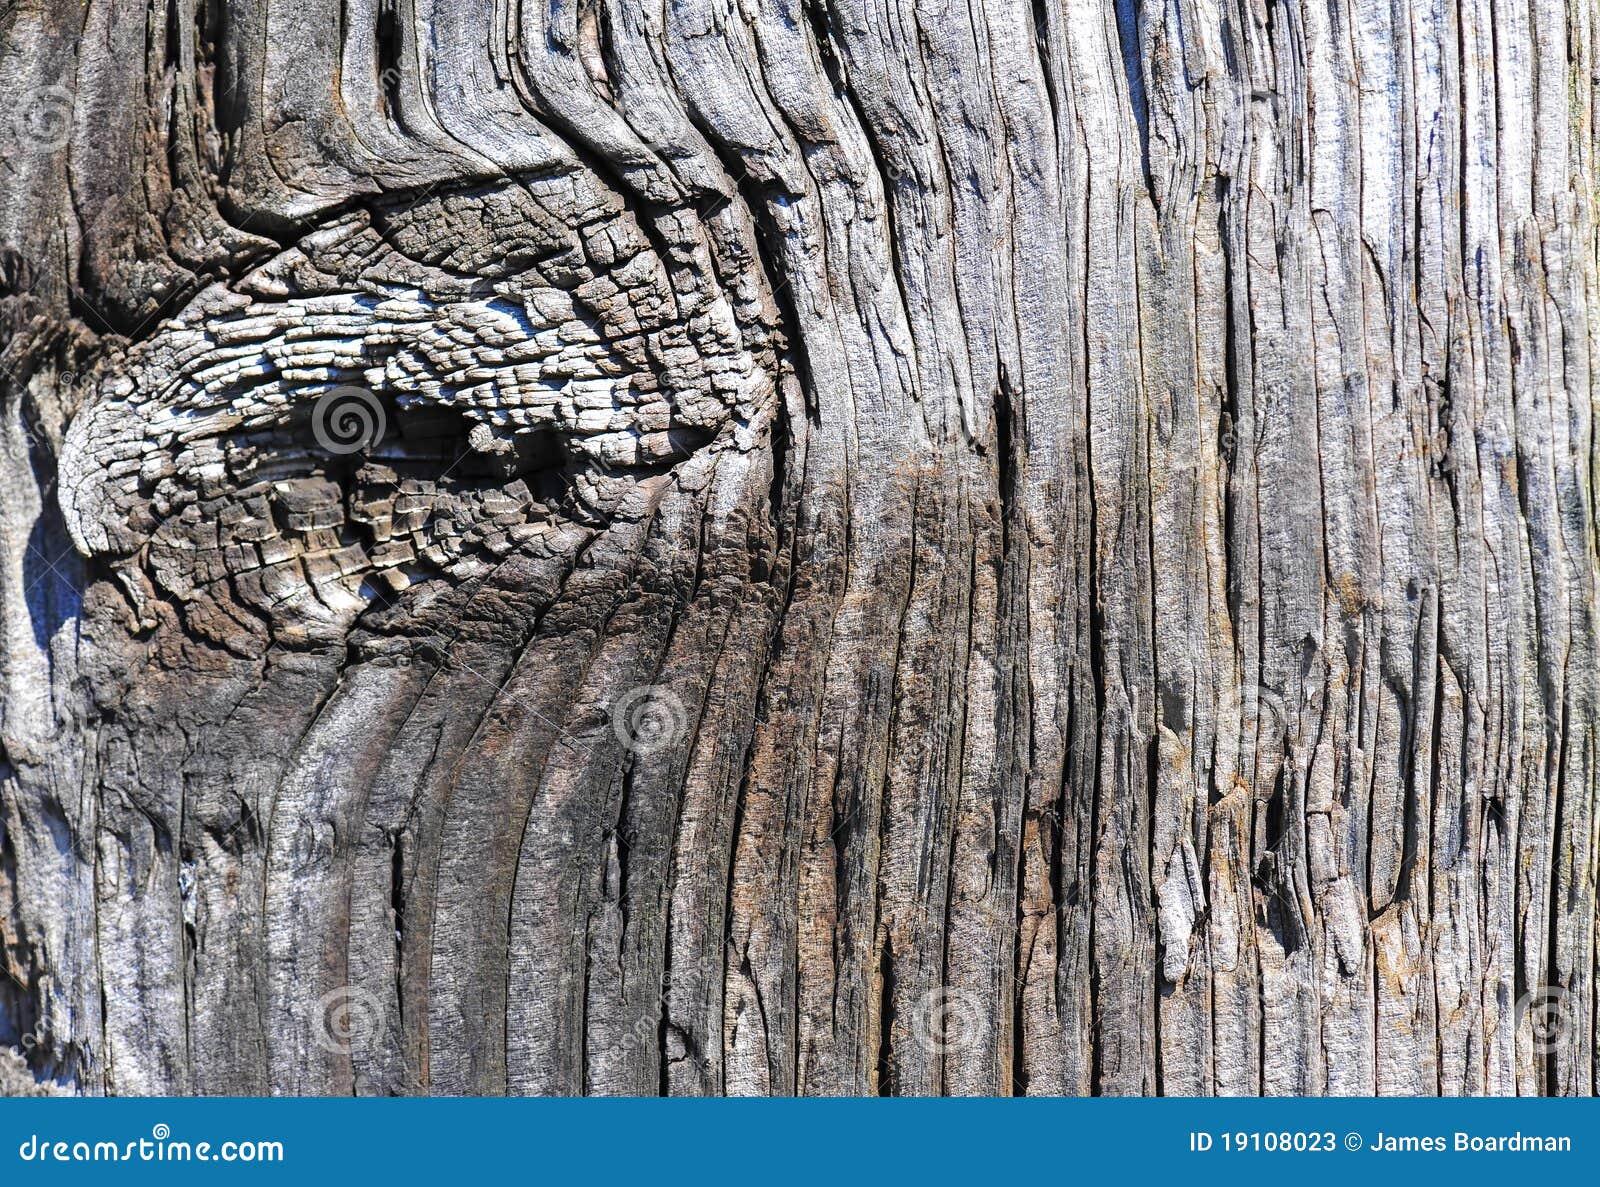 Noeud en bois superficiel par les agents de poteau de frontière de sécurité